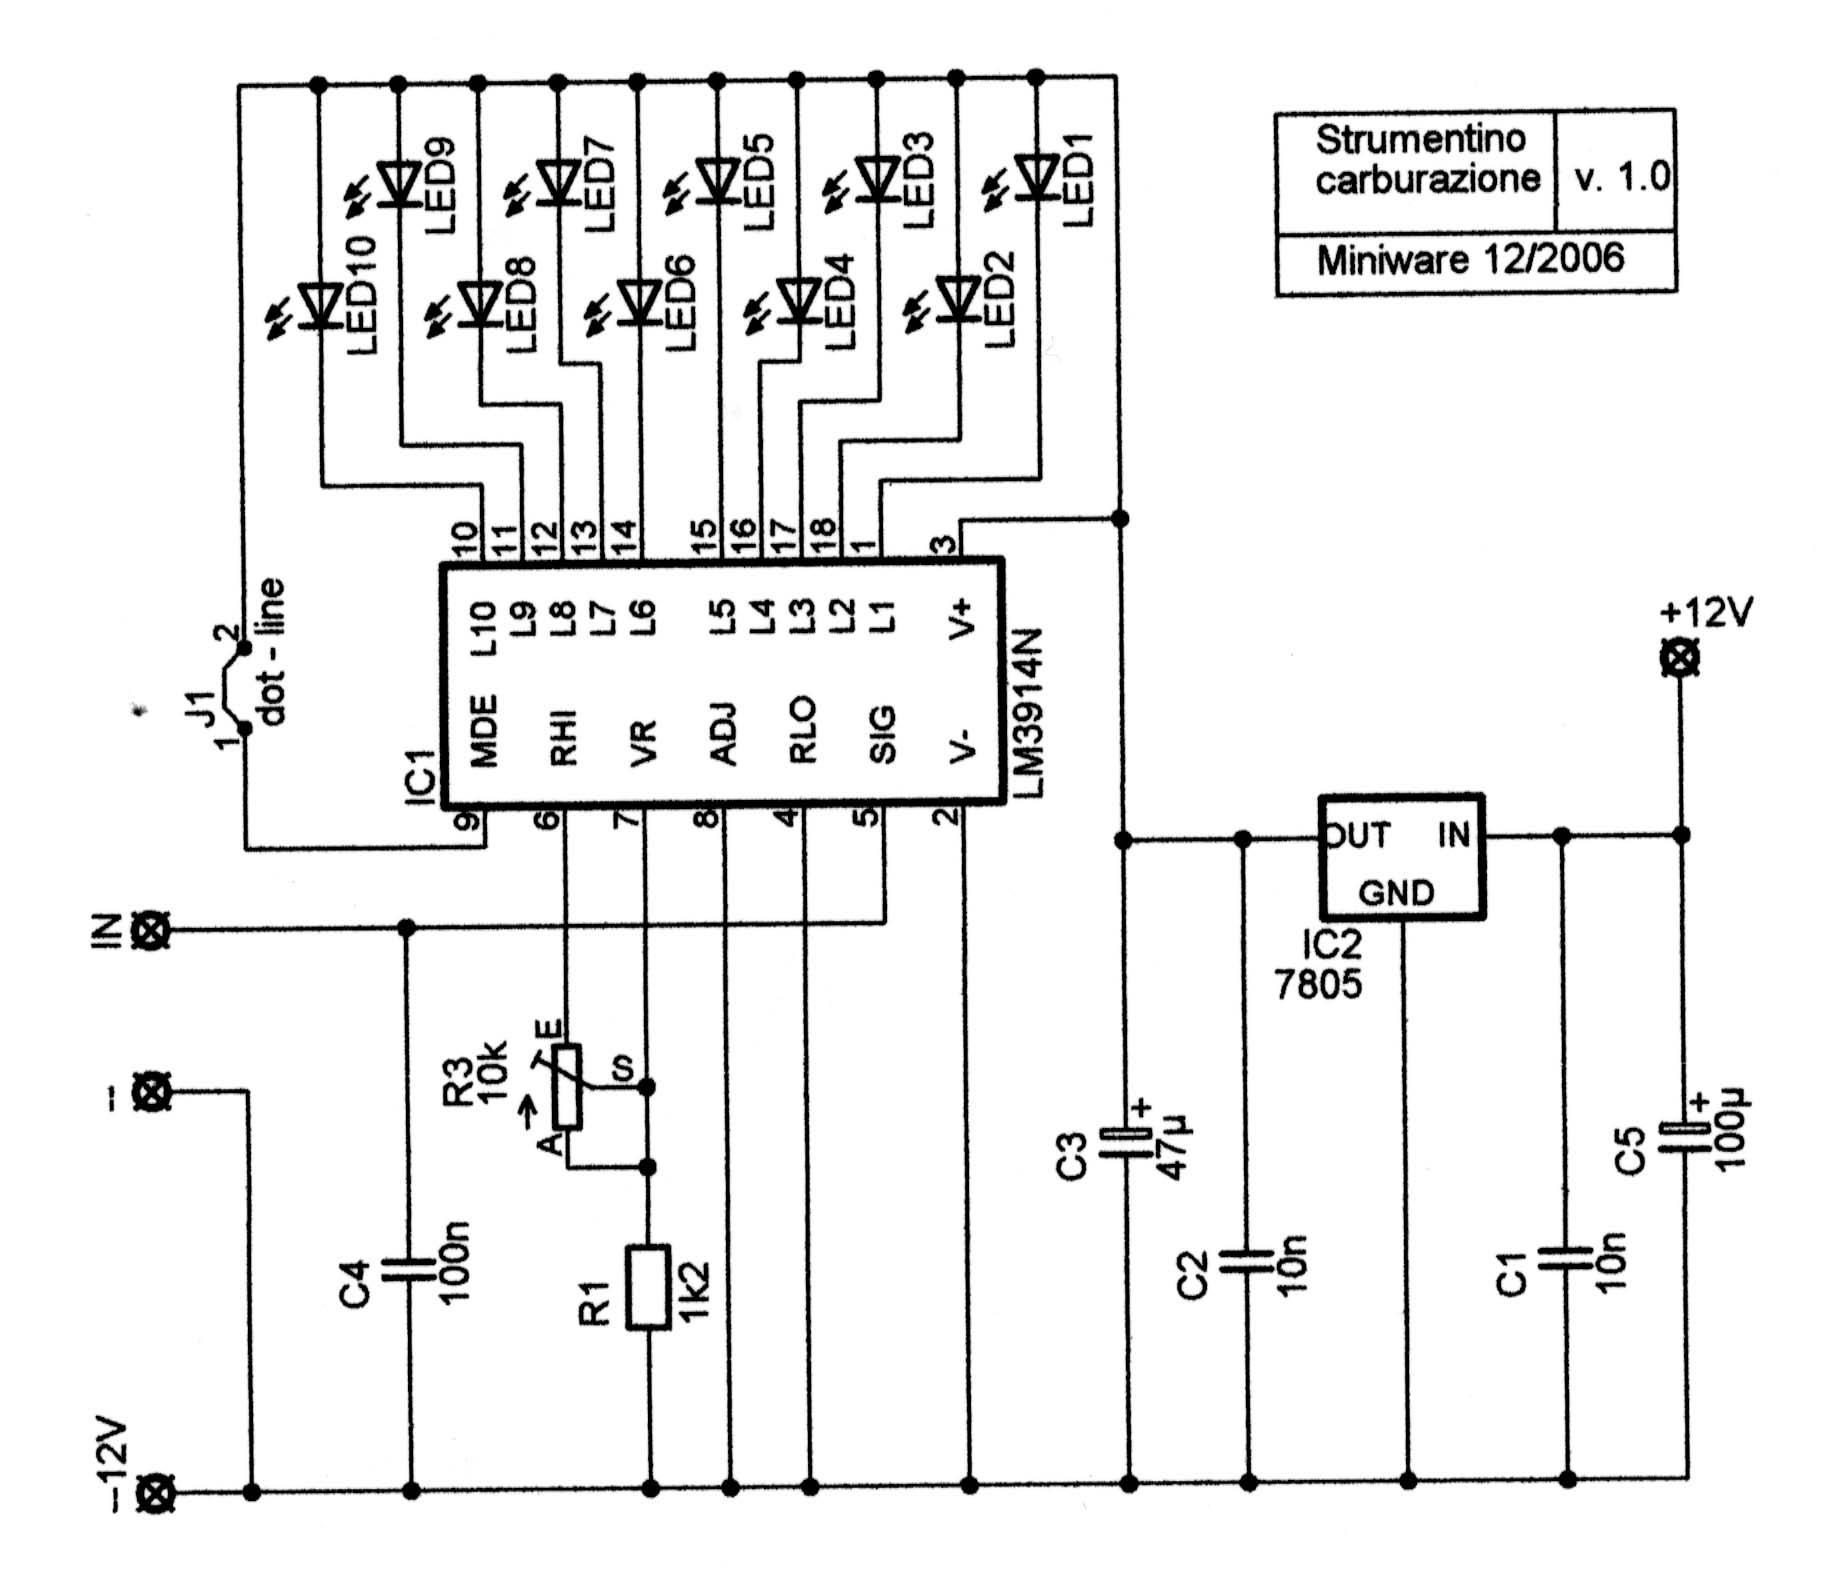 Schema elettrico sonda lambda 4 fili